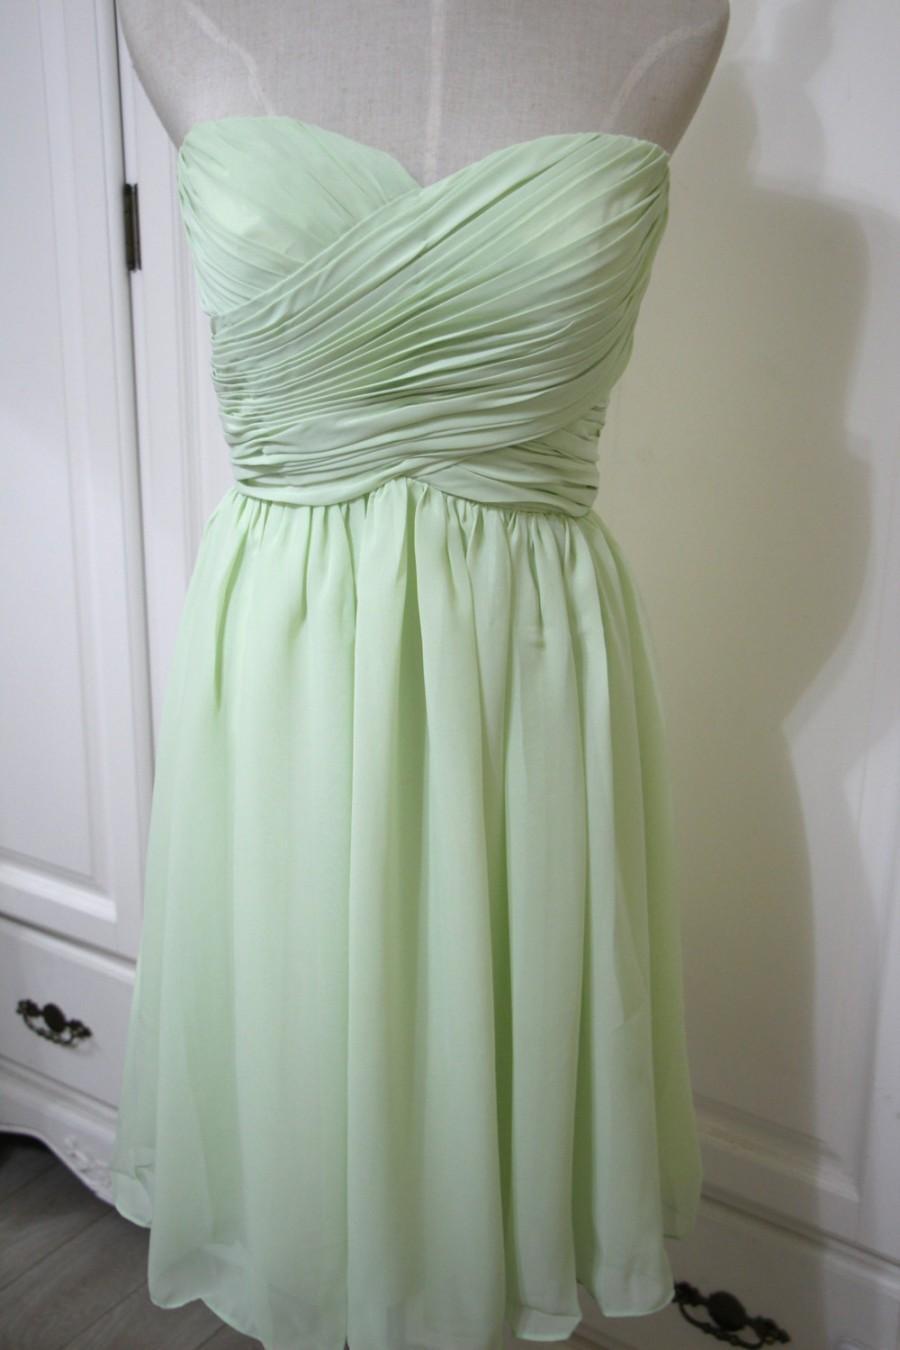 Hochzeit - Mint Green Knee-length Sweetheart Bridesmaid Dress Short Chiffon Strapless Bridesmaid Dress